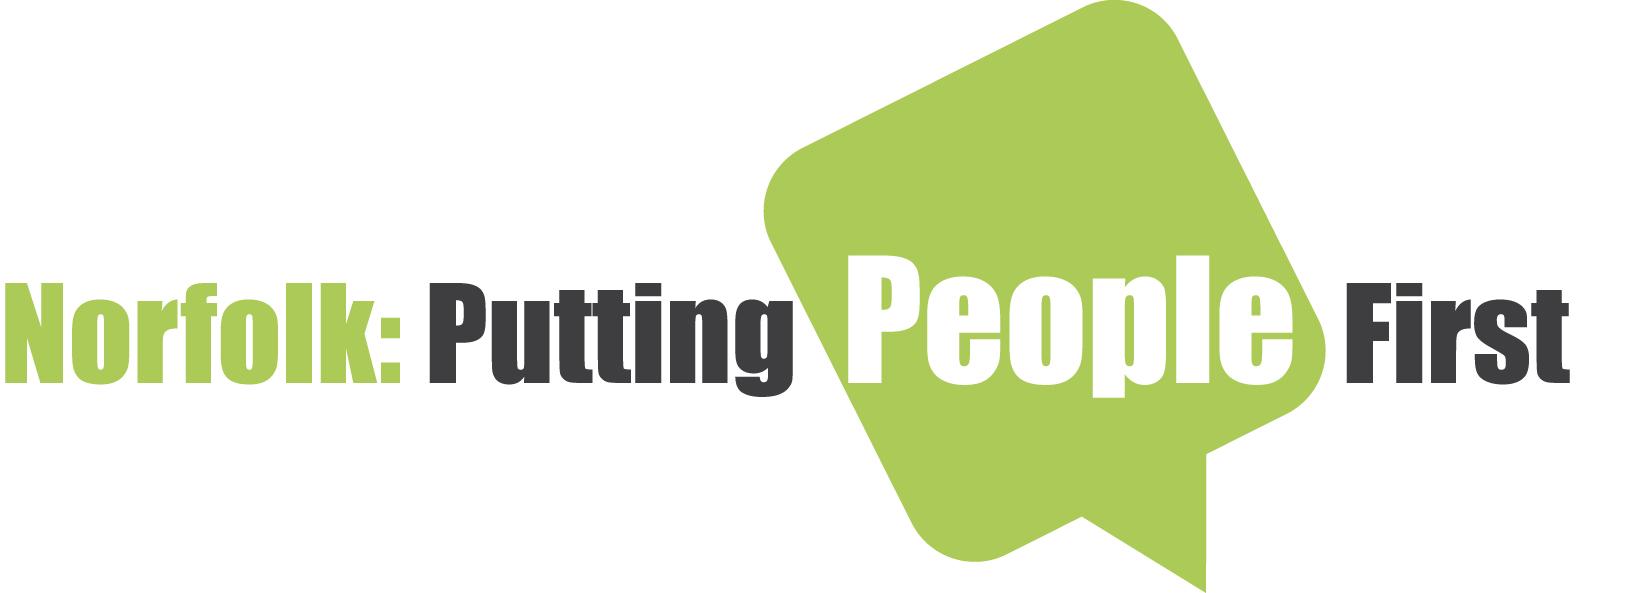 Norfolk Putting People First logo